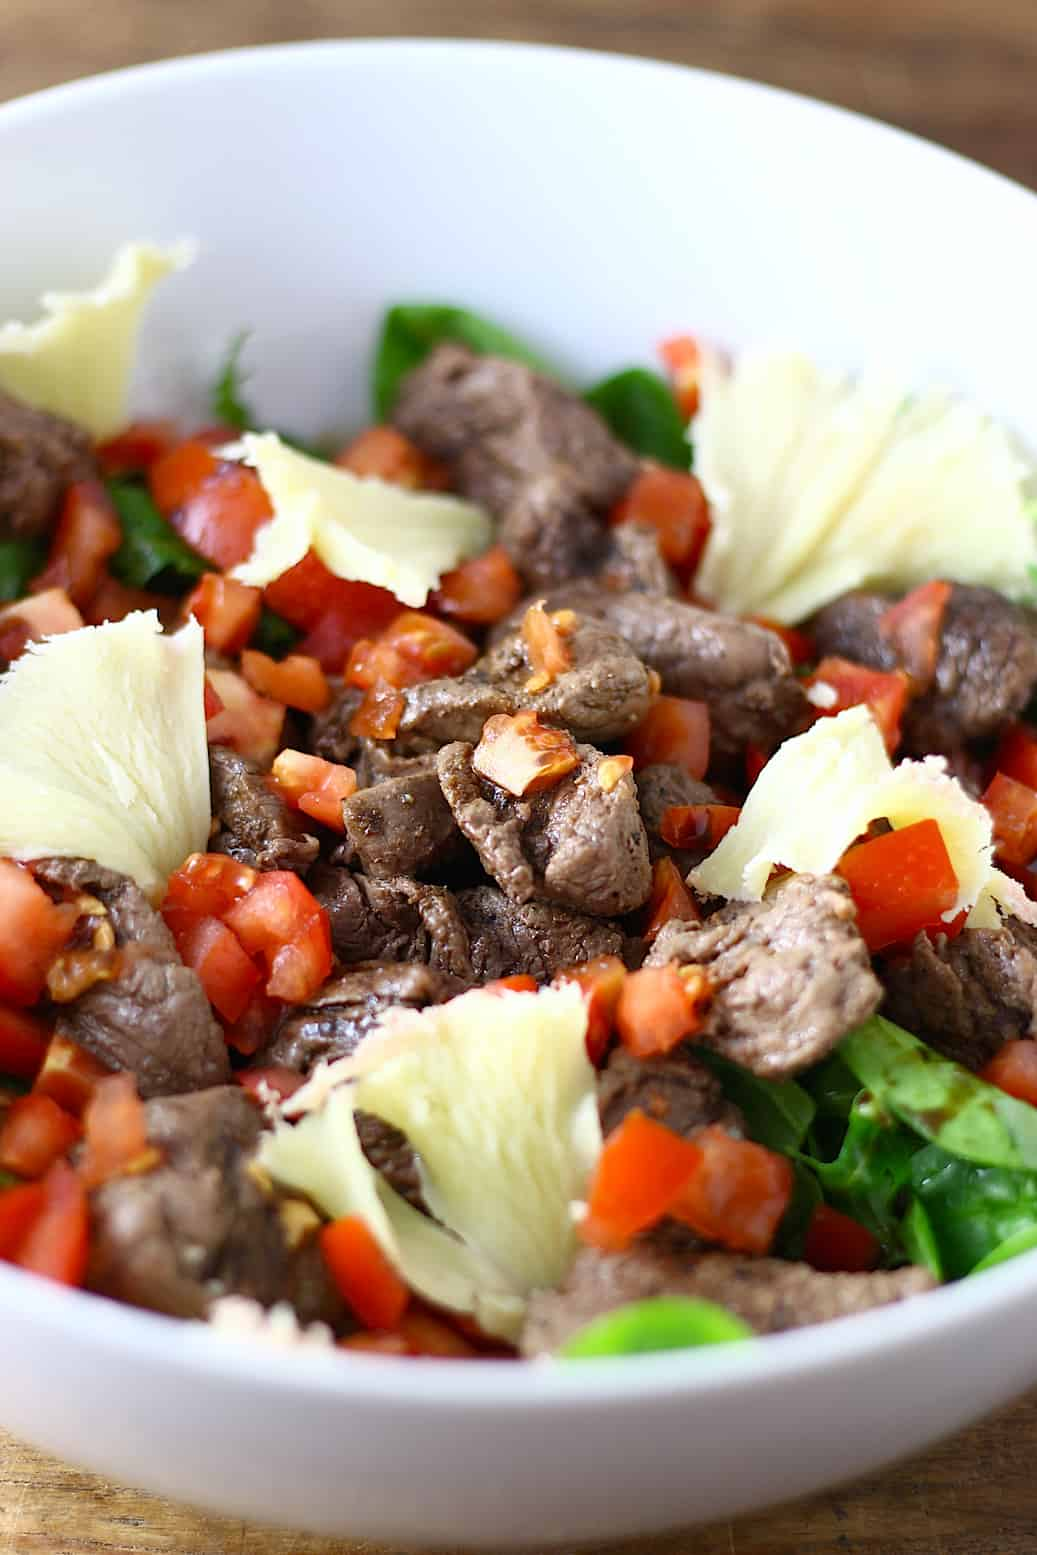 salade-met-biefstukreepjes-en-tete-de-moine-2